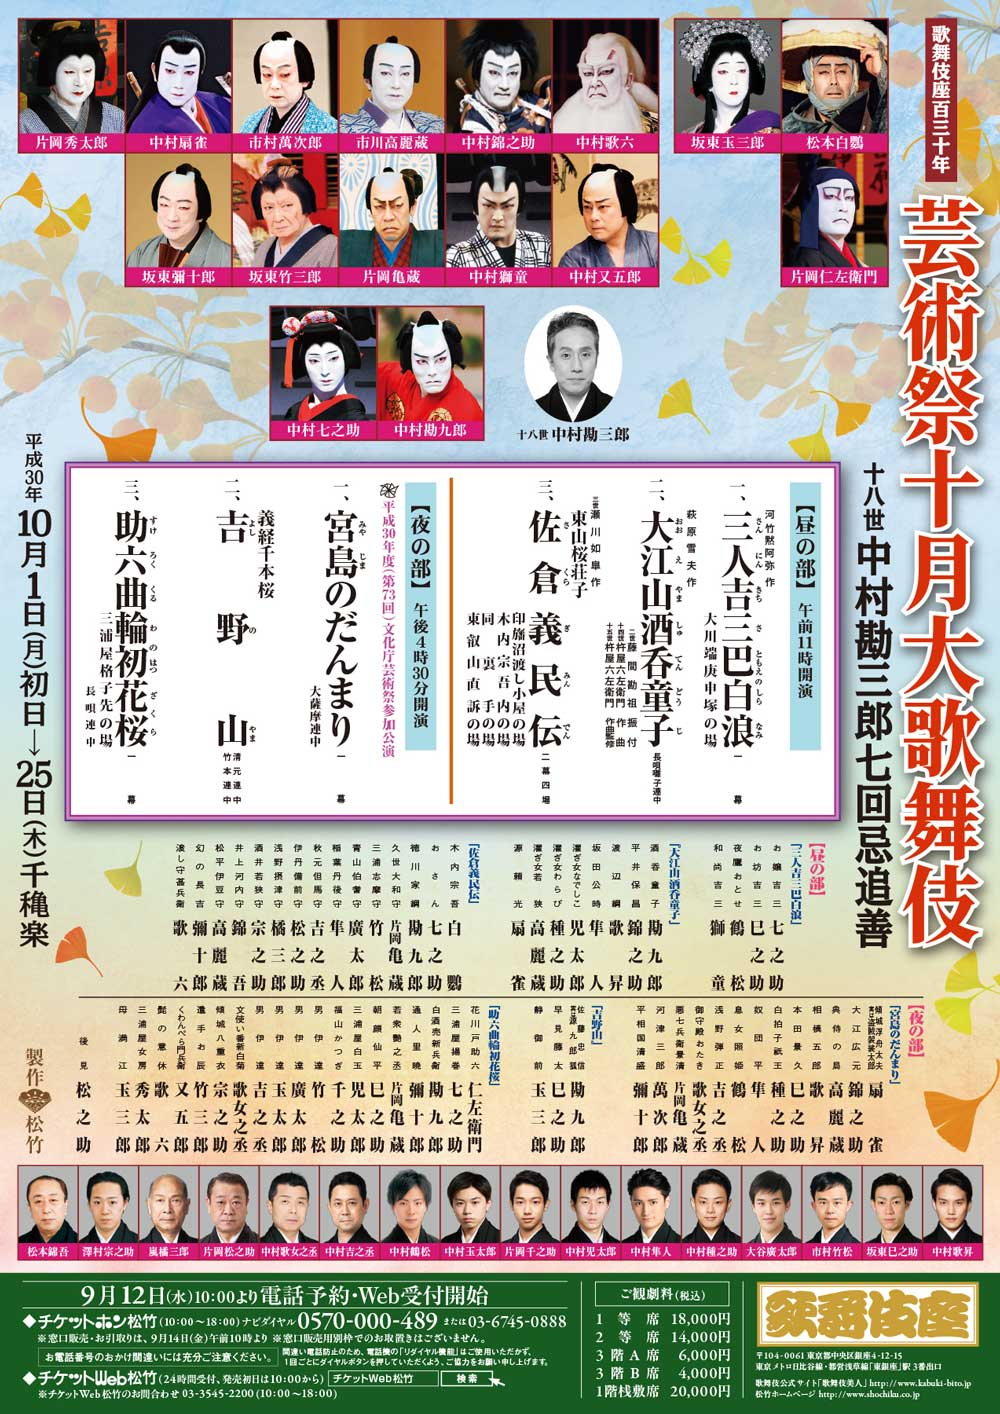 https://www.kabuki-bito.jp/uploads/images/kouen/586/kabukiza_201810_ffl_30824df3a553e07779546fffe2d3a7e5.jpg